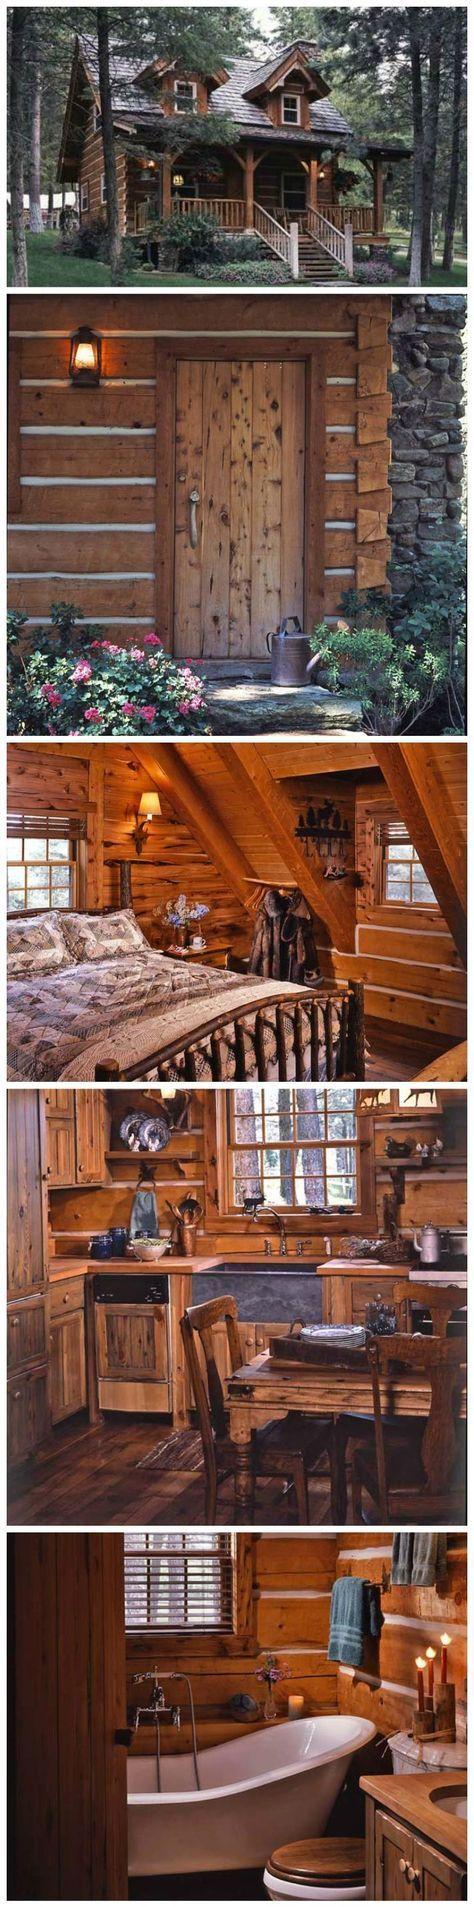 Jack Hanna's Log Cabin